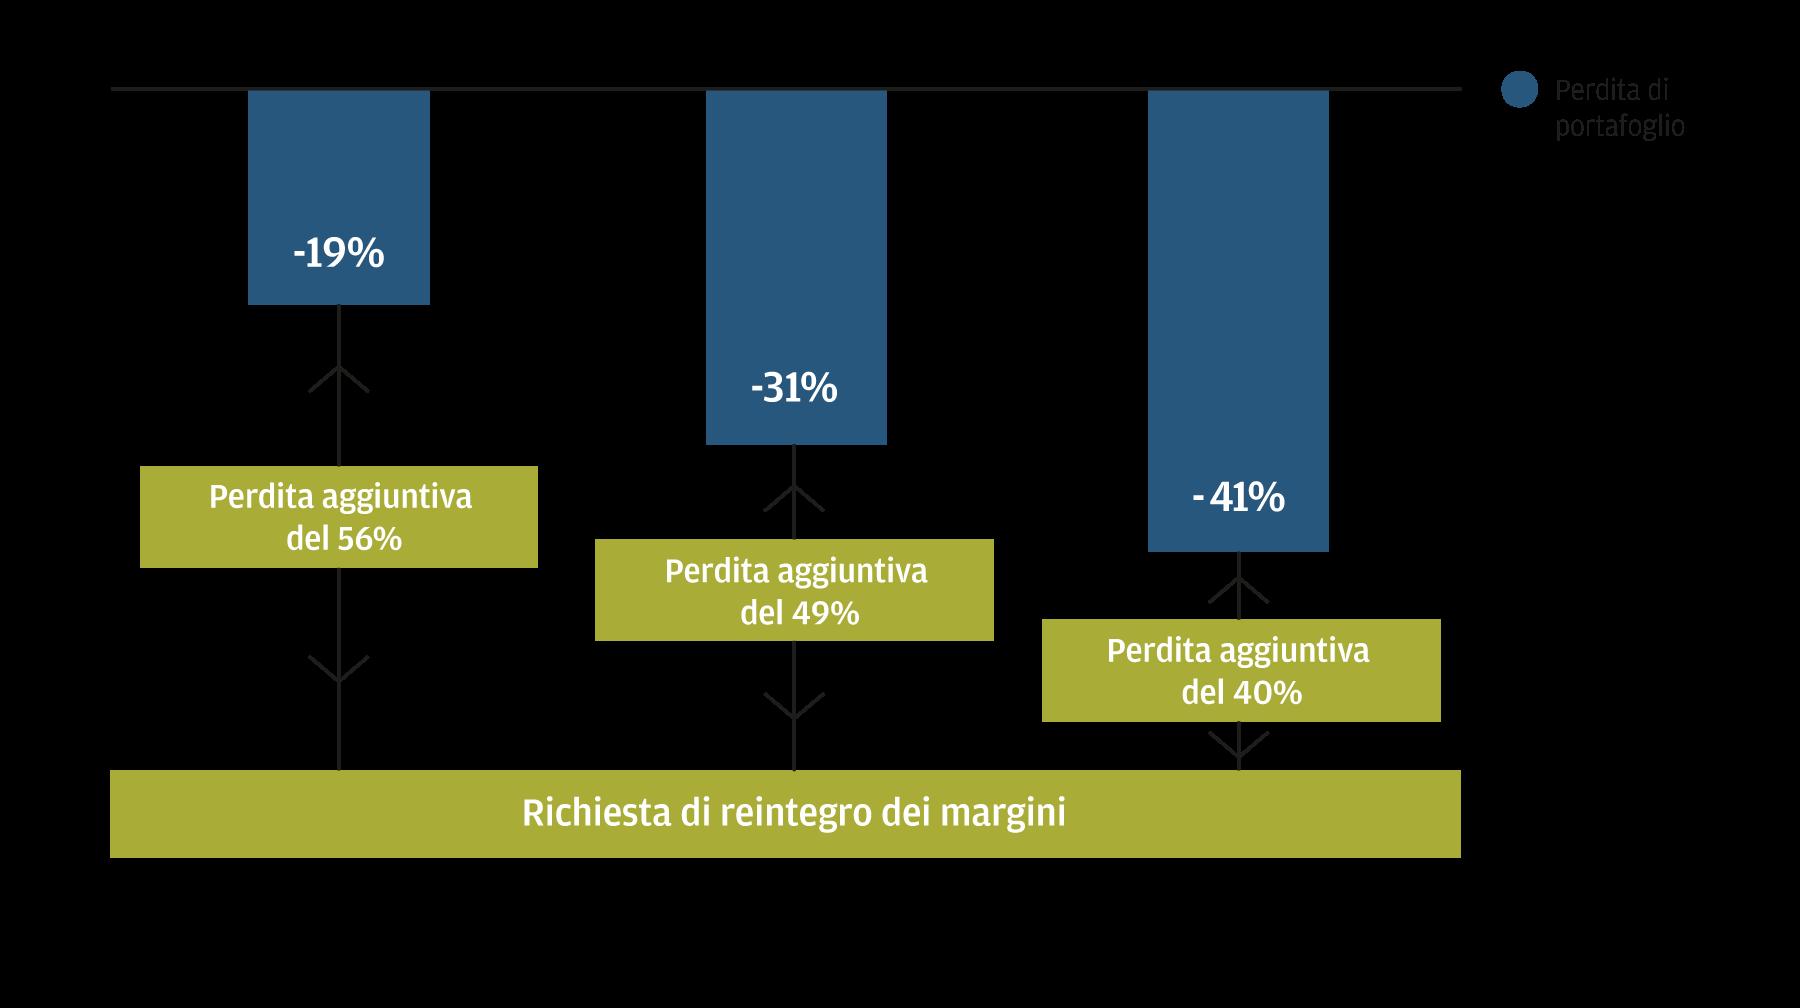 Questo grafico dimostra come l'uso di un modesto effetto leva riduca il rischio di una richiesta di reintegro dei margini e il rischio di essere costretti a rimborsare il capitale nelle fasi di tensione sui mercati. Negli scenari peggiori in termini di ribassi di portafoglio durante la crisi finanziaria globale, utilizzando un modesto effetto leva (30%) anche la strategia growth più rischiosa avrebbe dovuto perdere un altro 40% prima di far scattare una richiesta di reintegro dei margini.